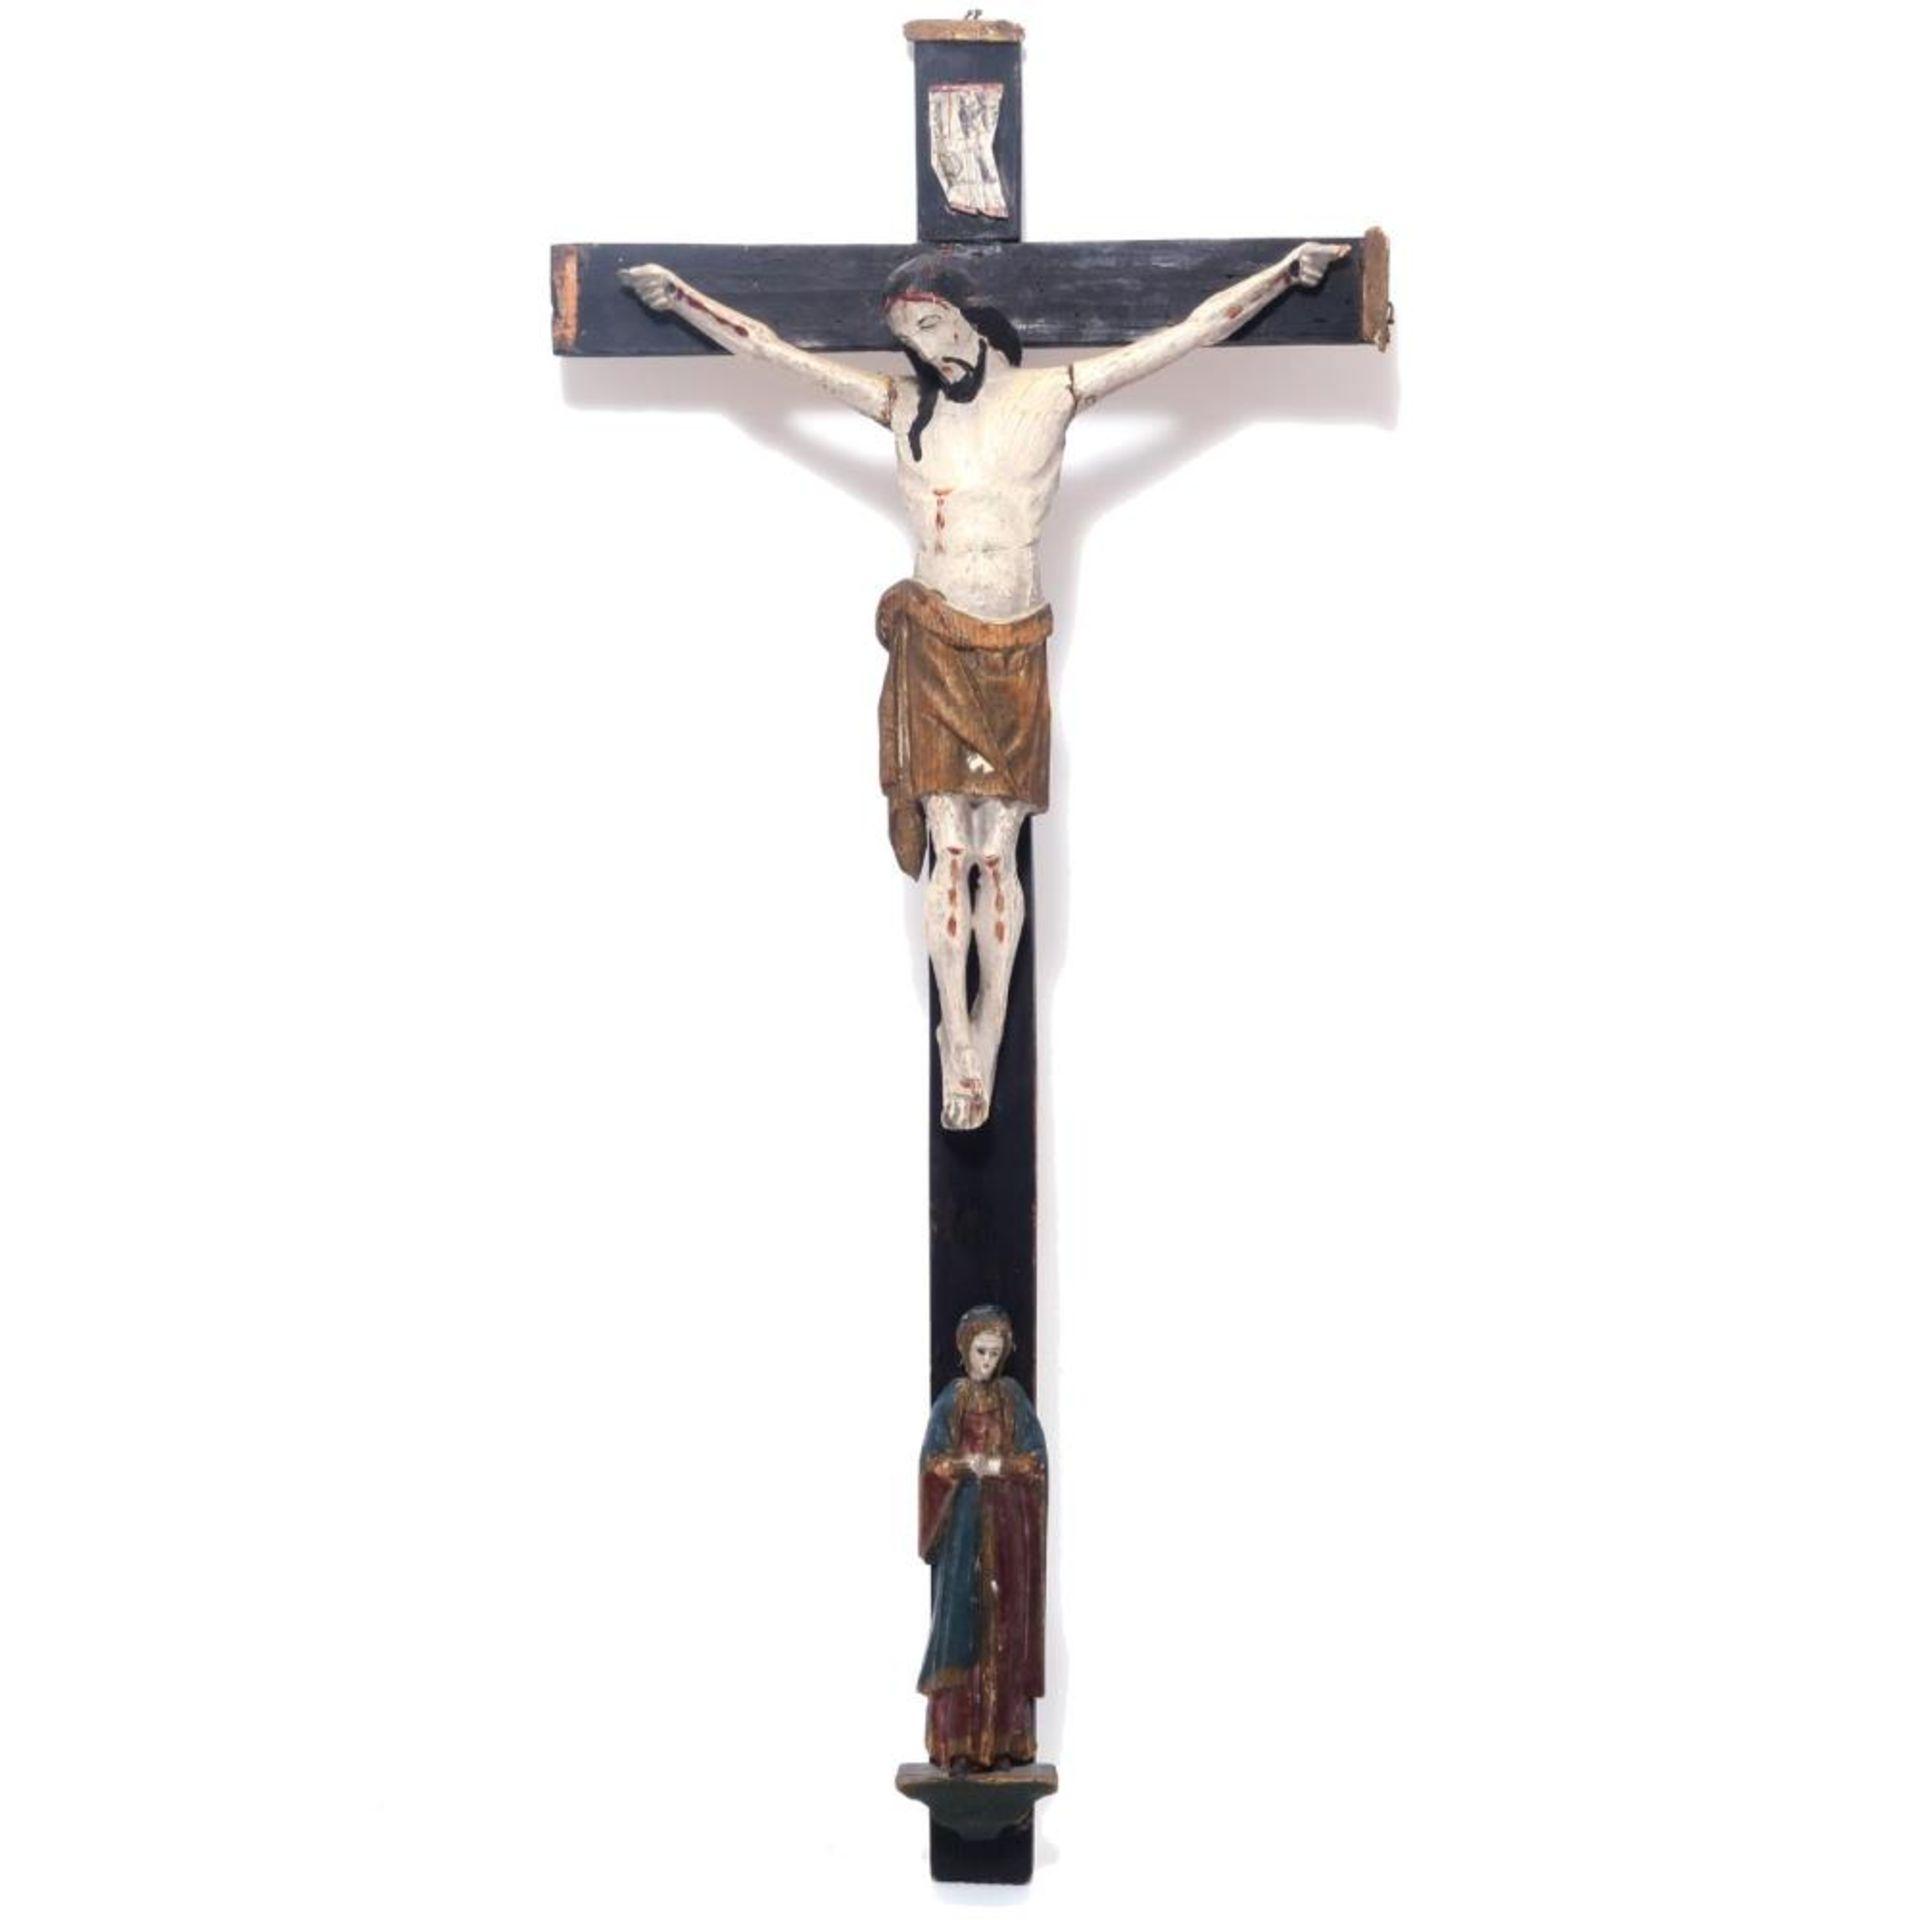 Kruzifix mit trauernder Muttergottes